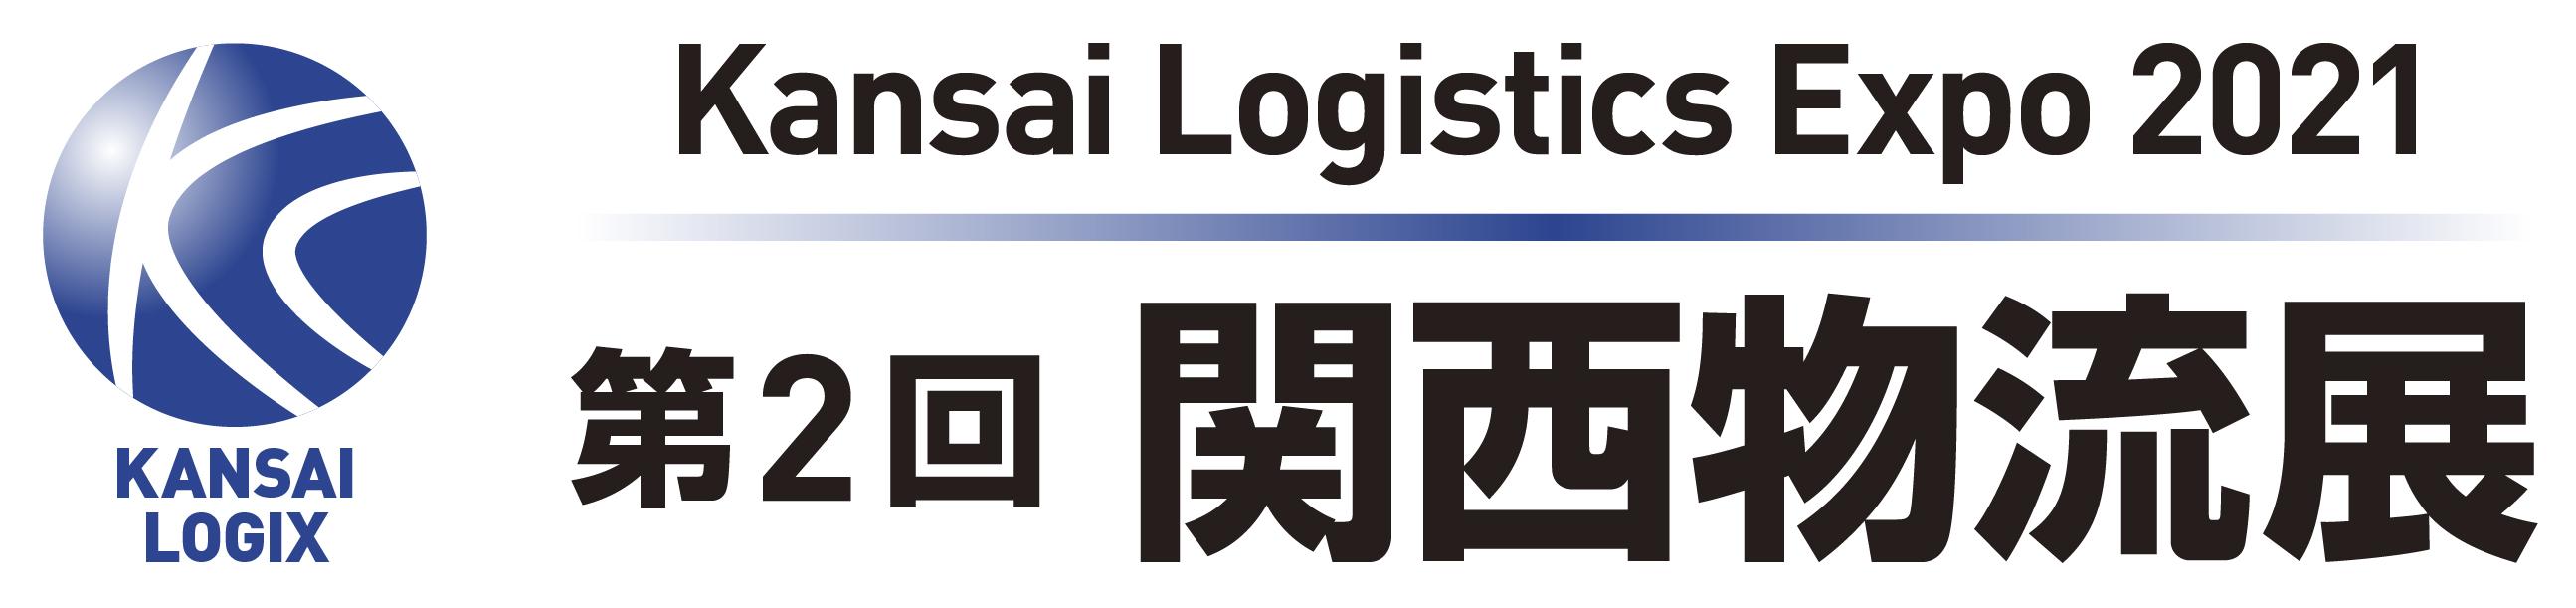 第2回 関西物流展(Kansai Logistics Expo 2021) 出展のお知らせ【6/16(水)~6/18(金)】